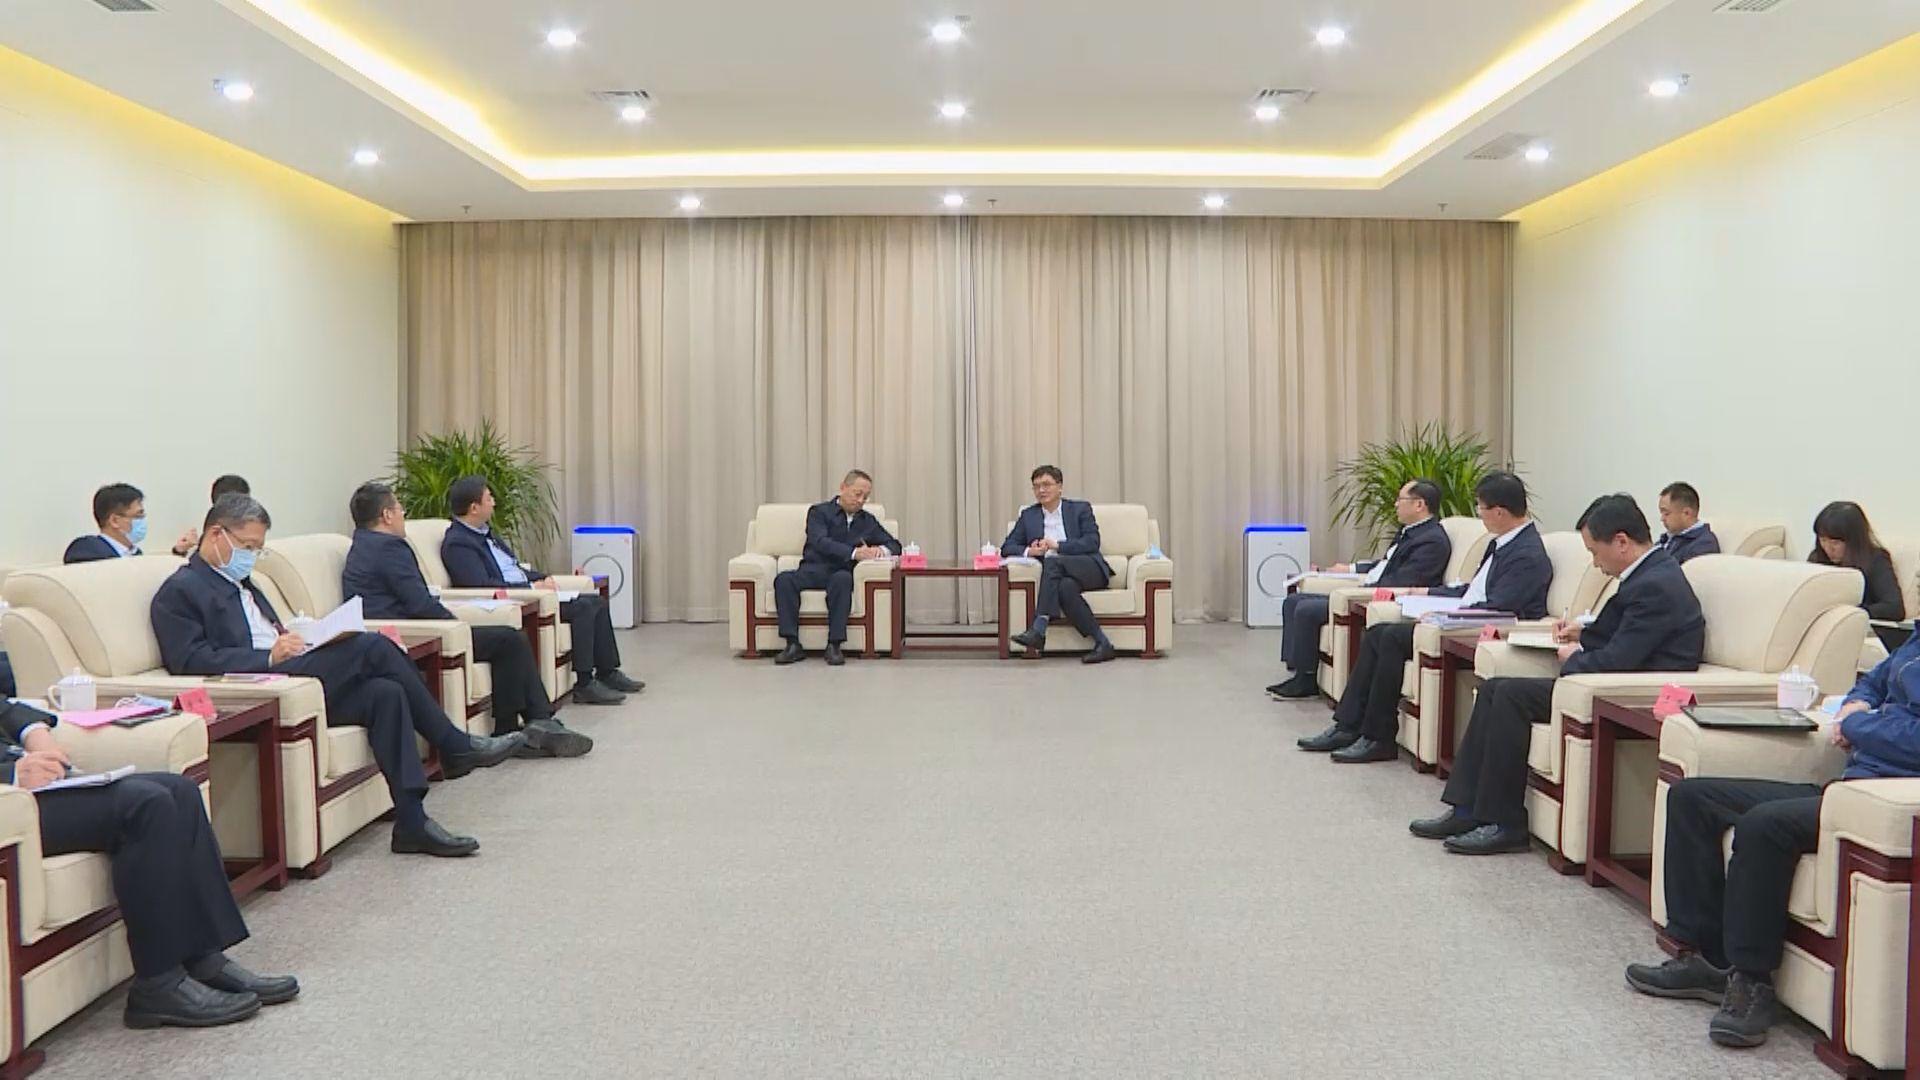 陈刚与中国移动通信集团总经理董昕一行举行座谈